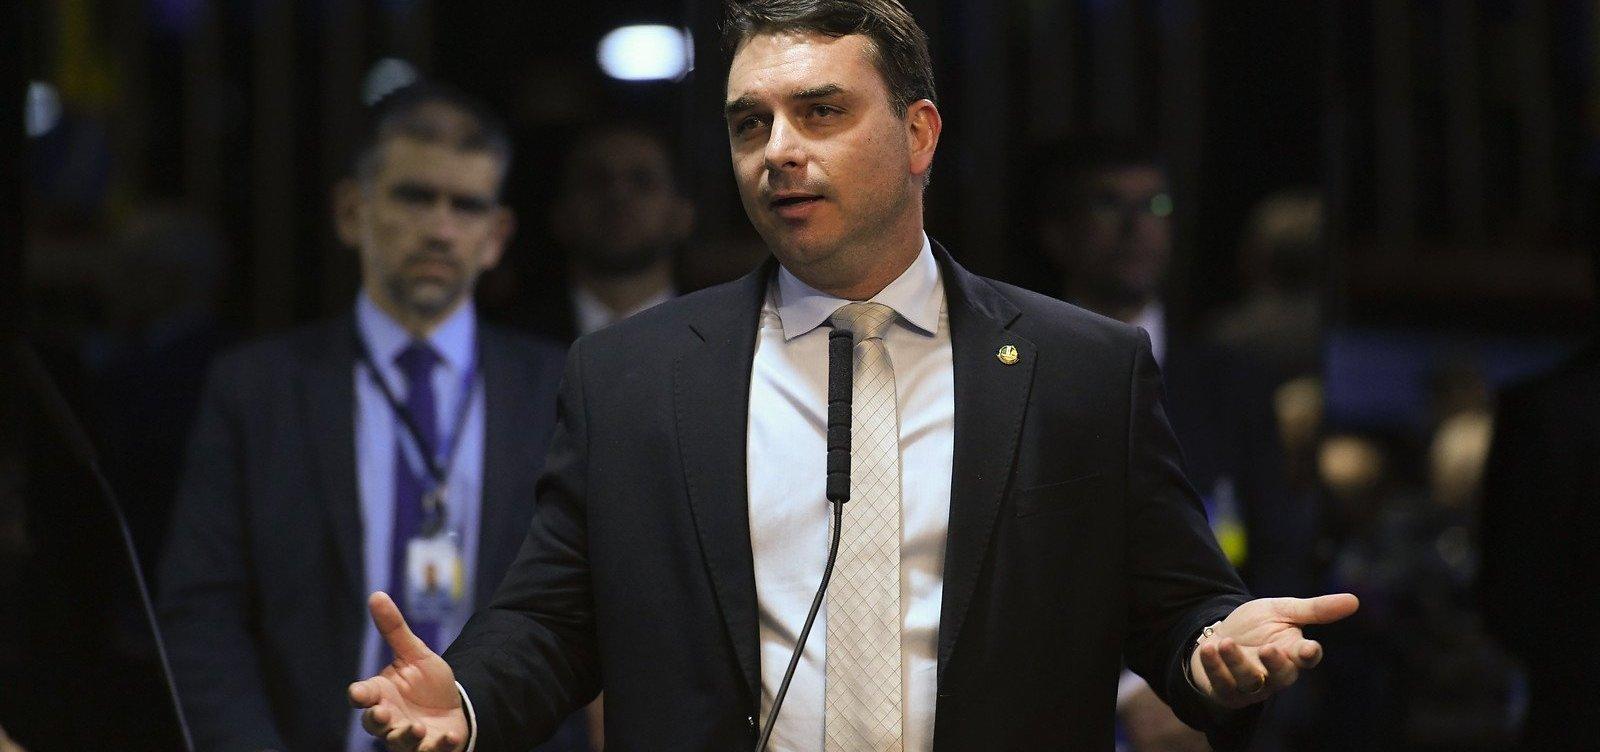 [Flávio Bolsonaro é chefe de organização criminosa que desviava dinheiro, aponta MP]